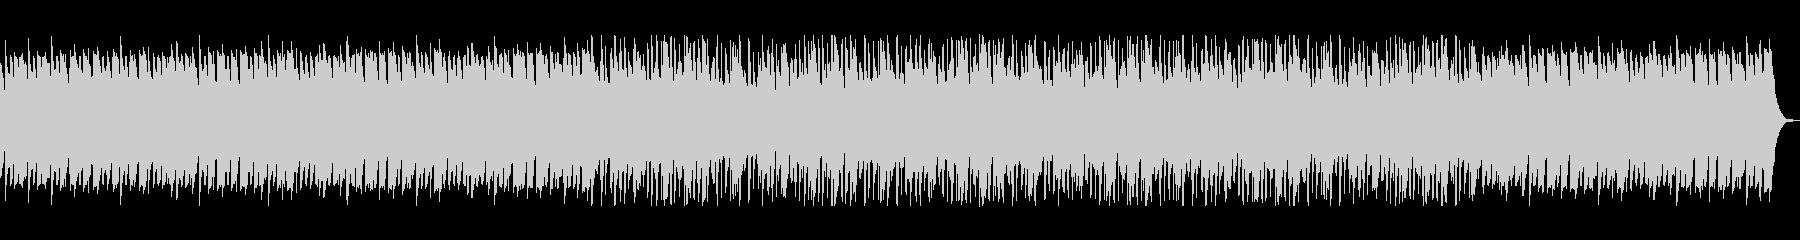 ふんわりした滑らかなヒーリングの曲の未再生の波形